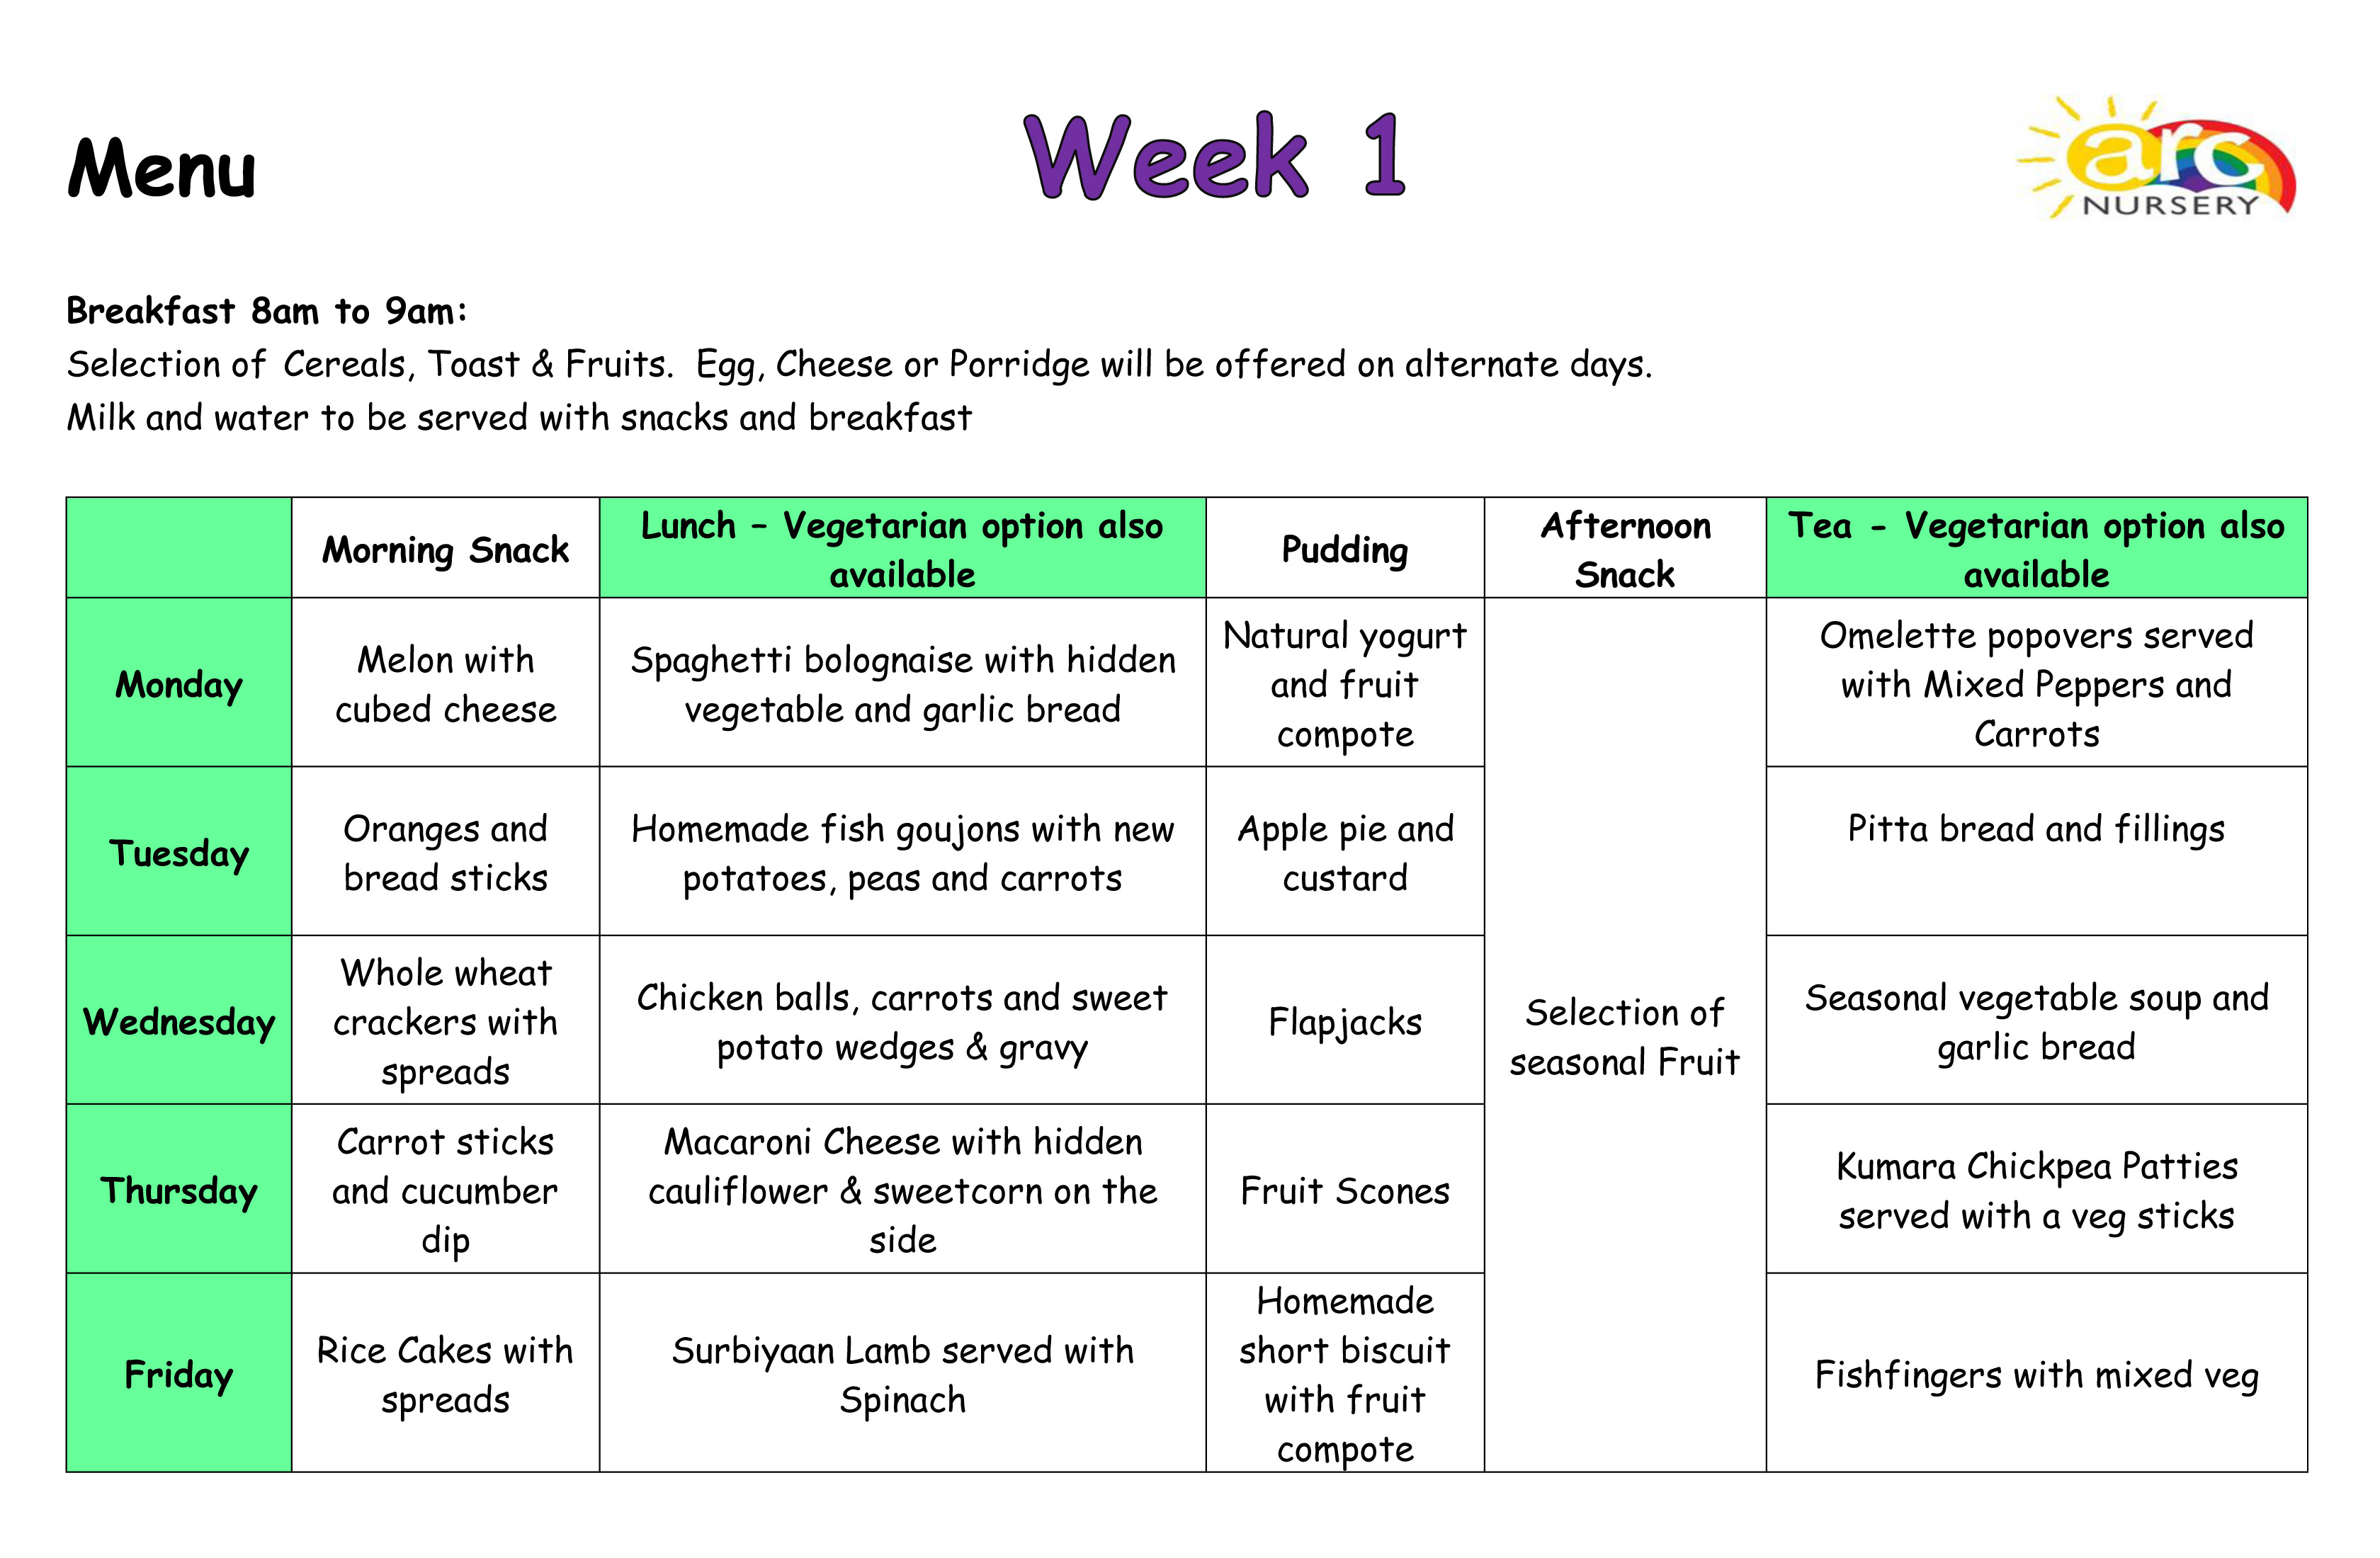 Arc Nursery Menus - Week 1